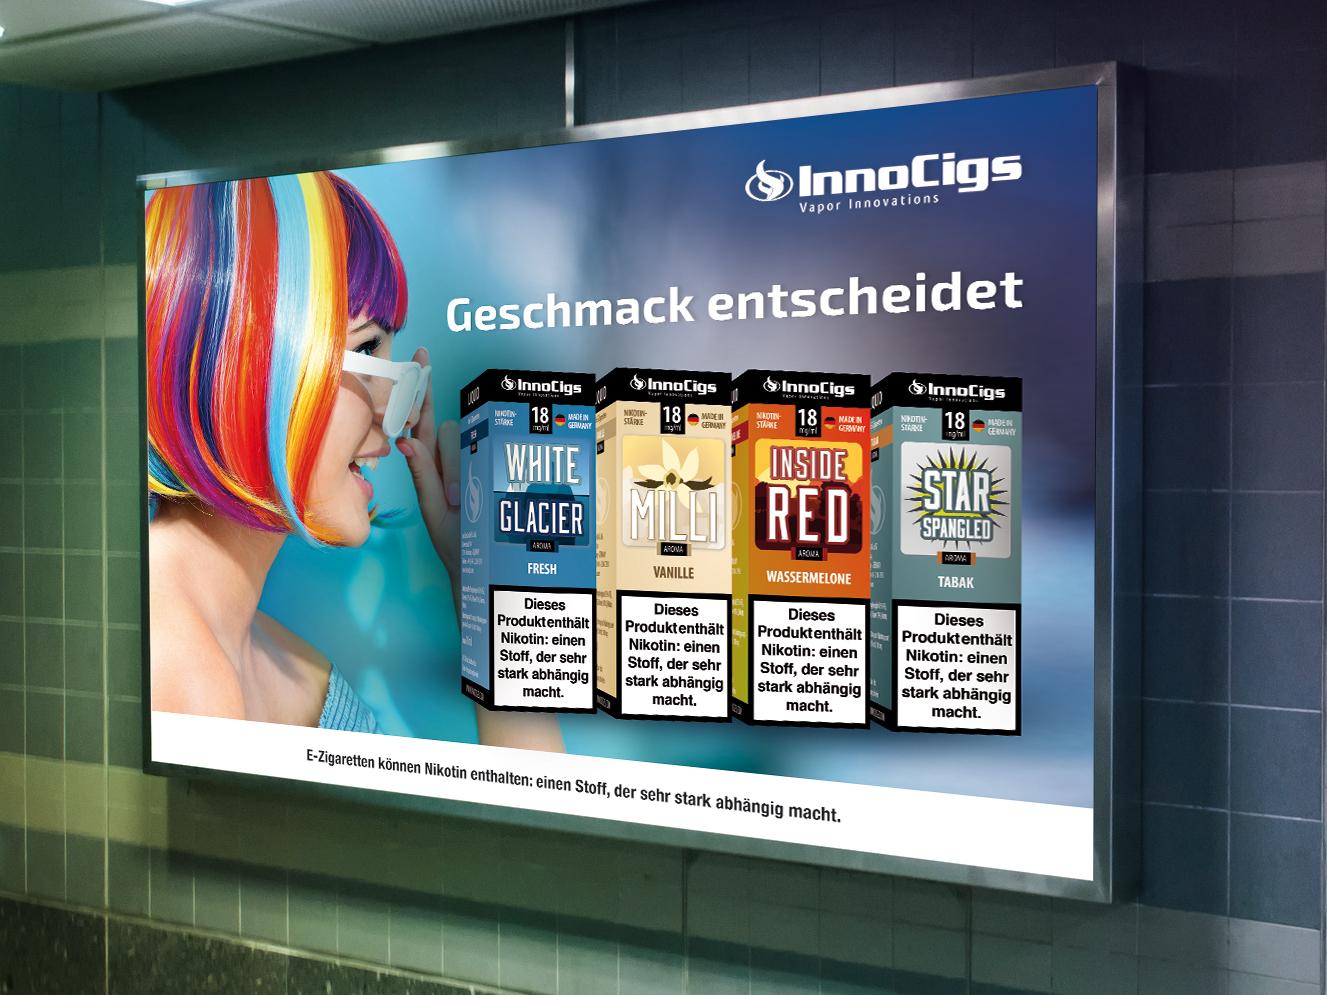 Geschmack entscheidet: InnoCigs startet Kampagne mit 5-fachem Budget